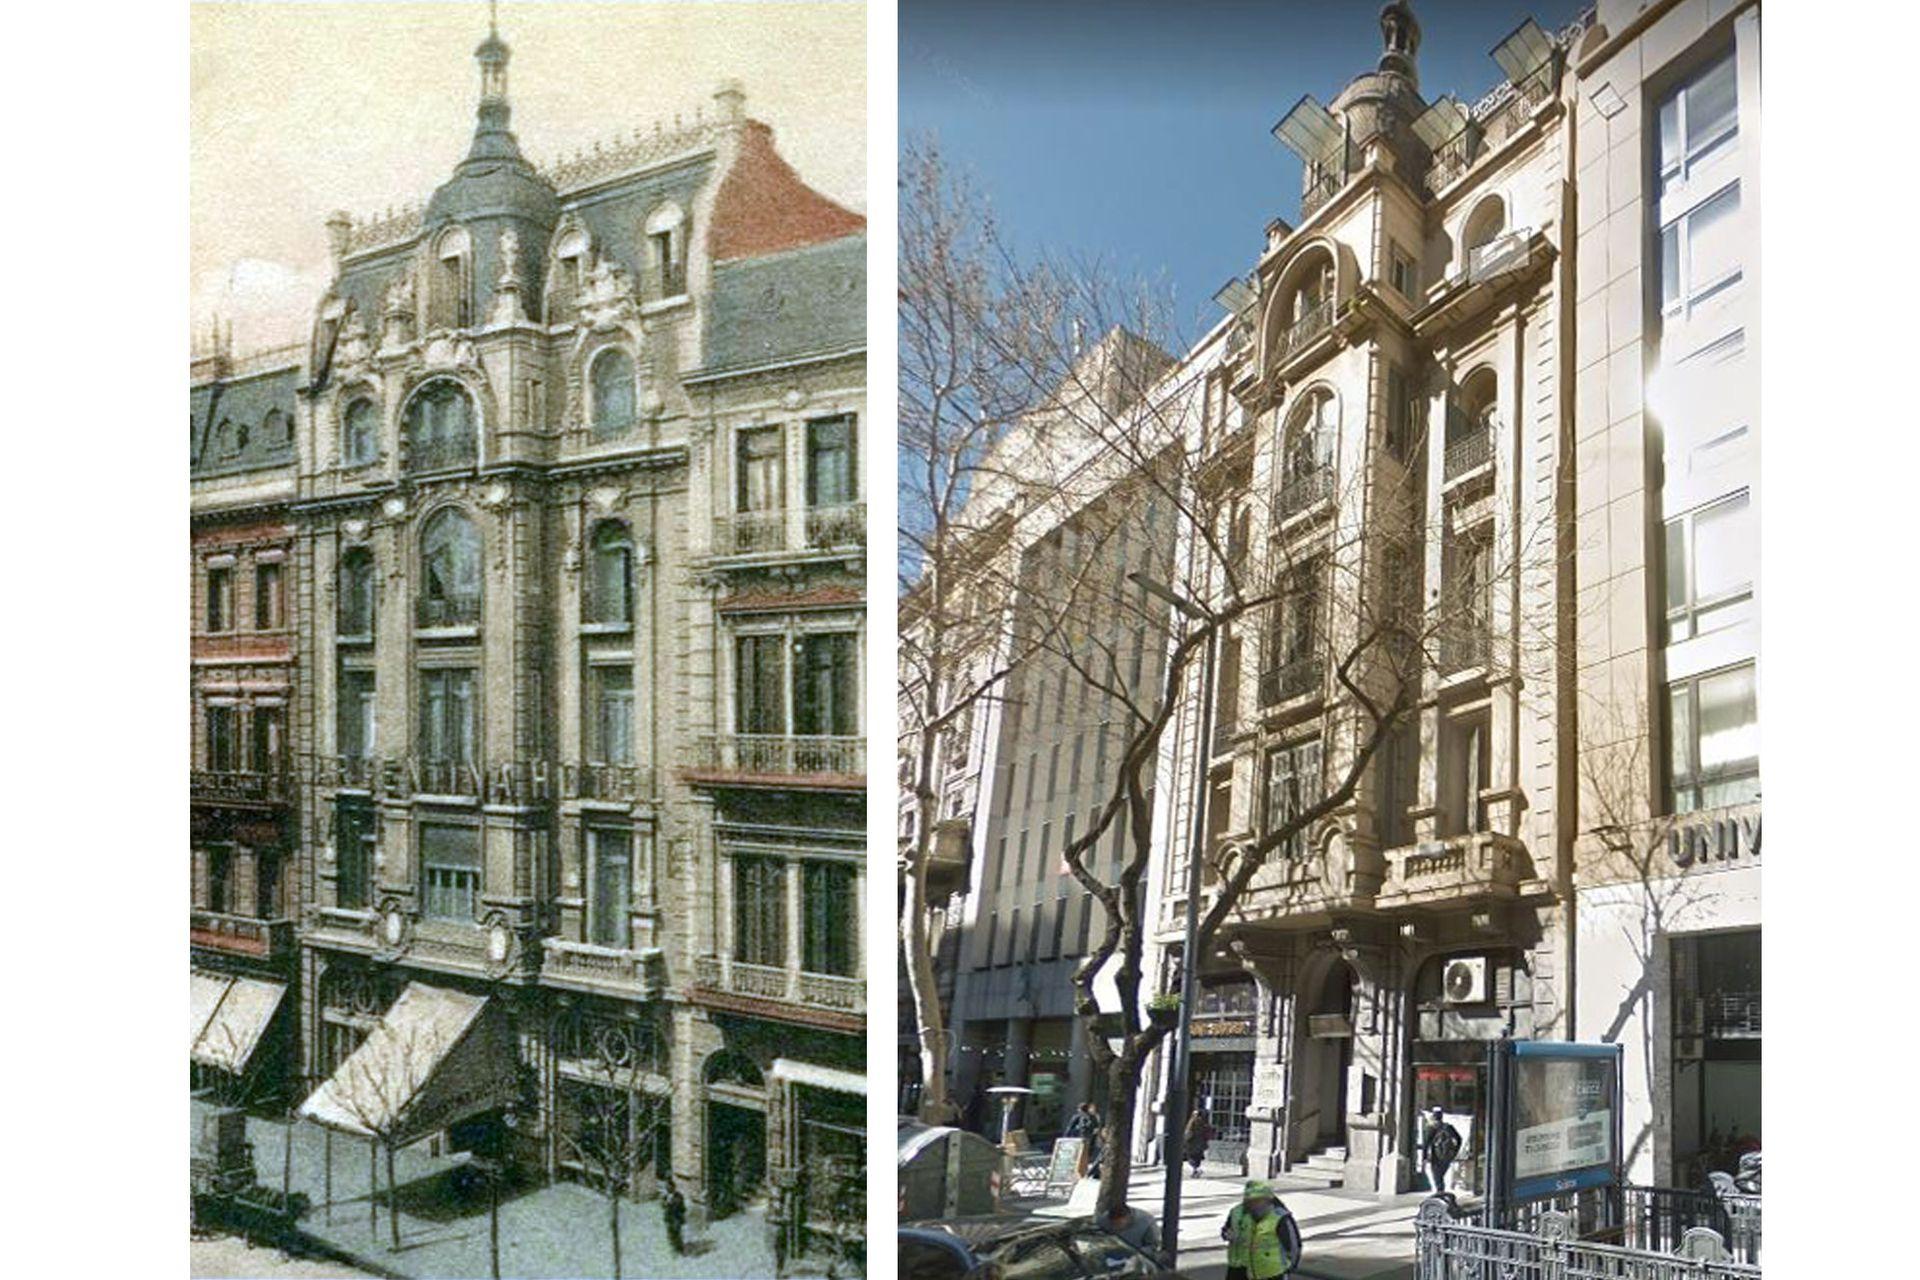 El edificio en el que hoy funciona el hotel La Argentina fue construido en la última década del siglo XIX